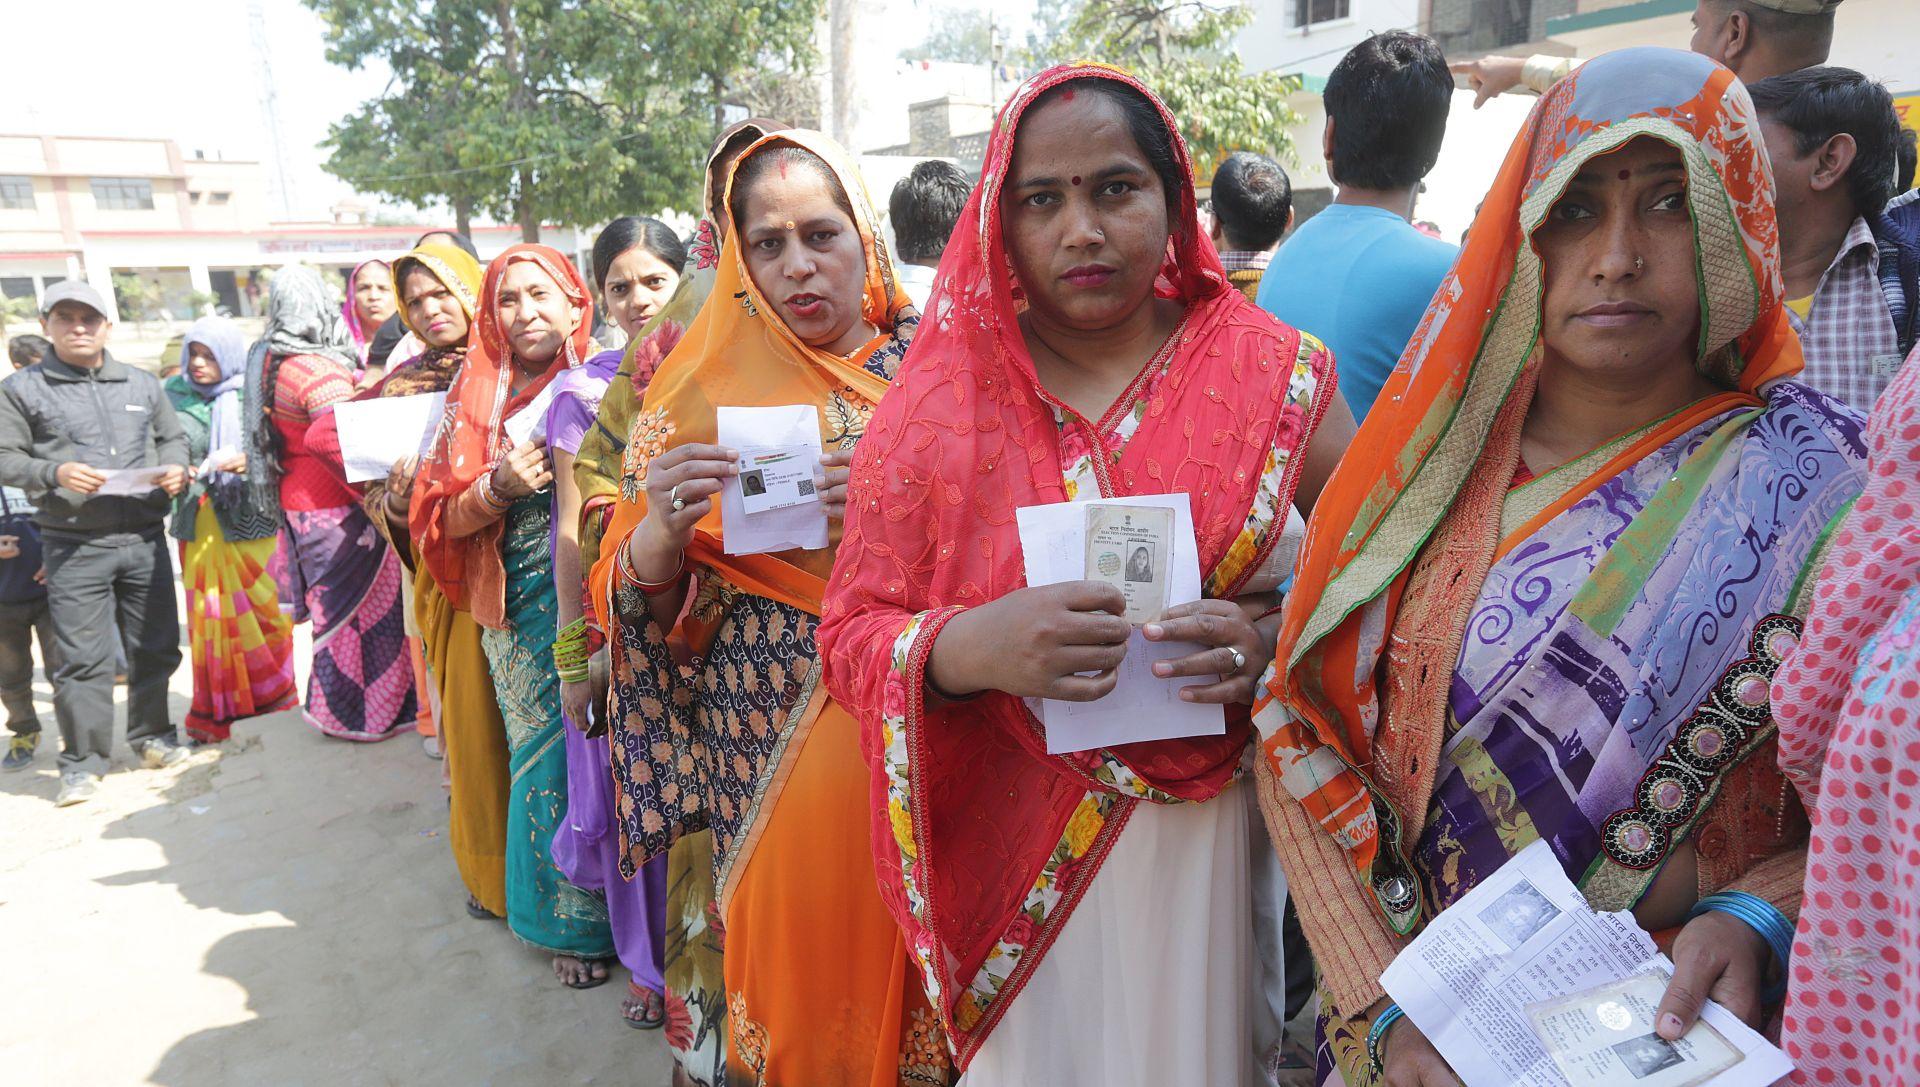 Izbori u Uttar Pradeshu velika kušnja za premijera Modija